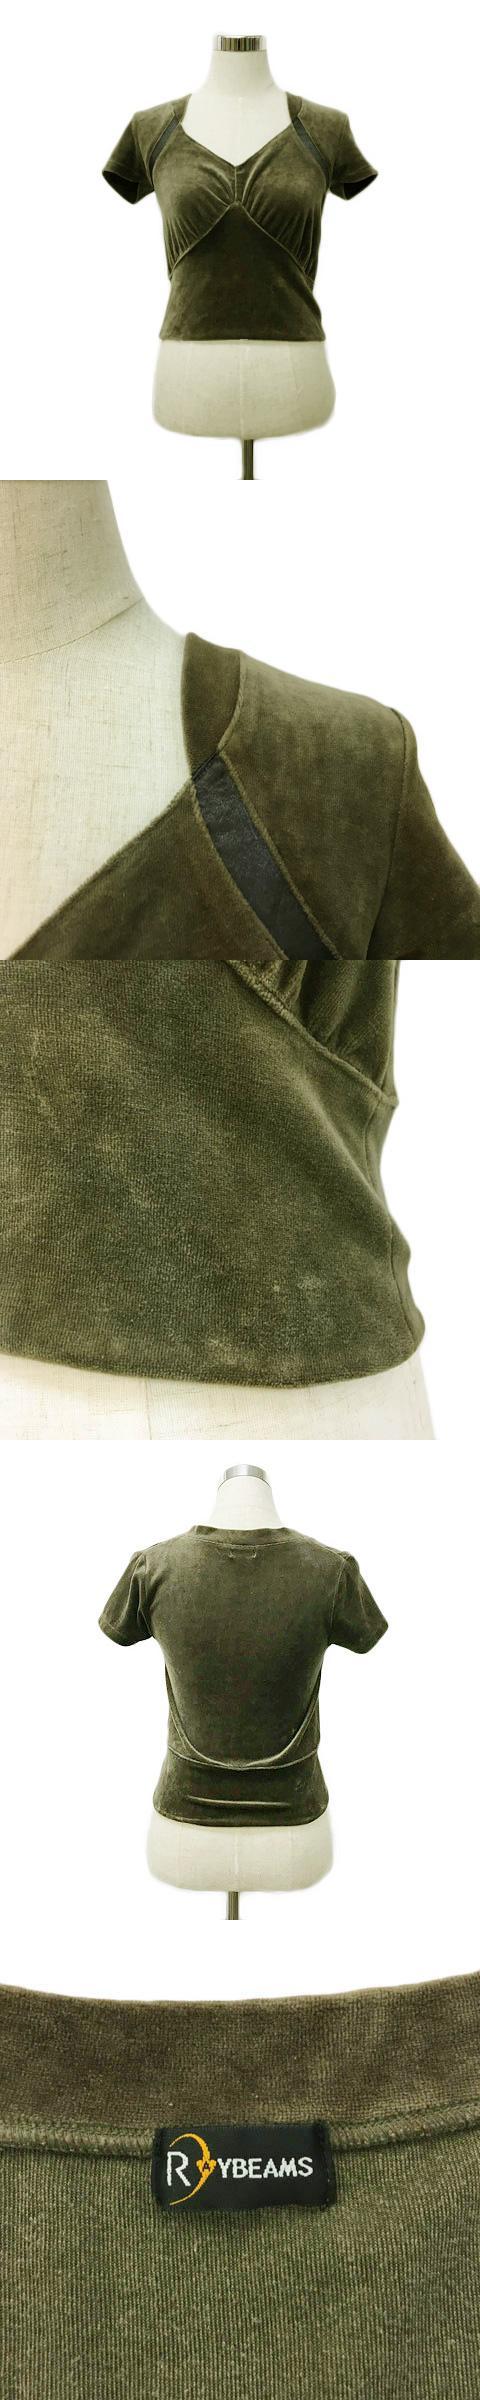 カットソー プルオーバー Vネック ショート ベロア 半袖 M 深緑 黒 ダークグリーン ブラック